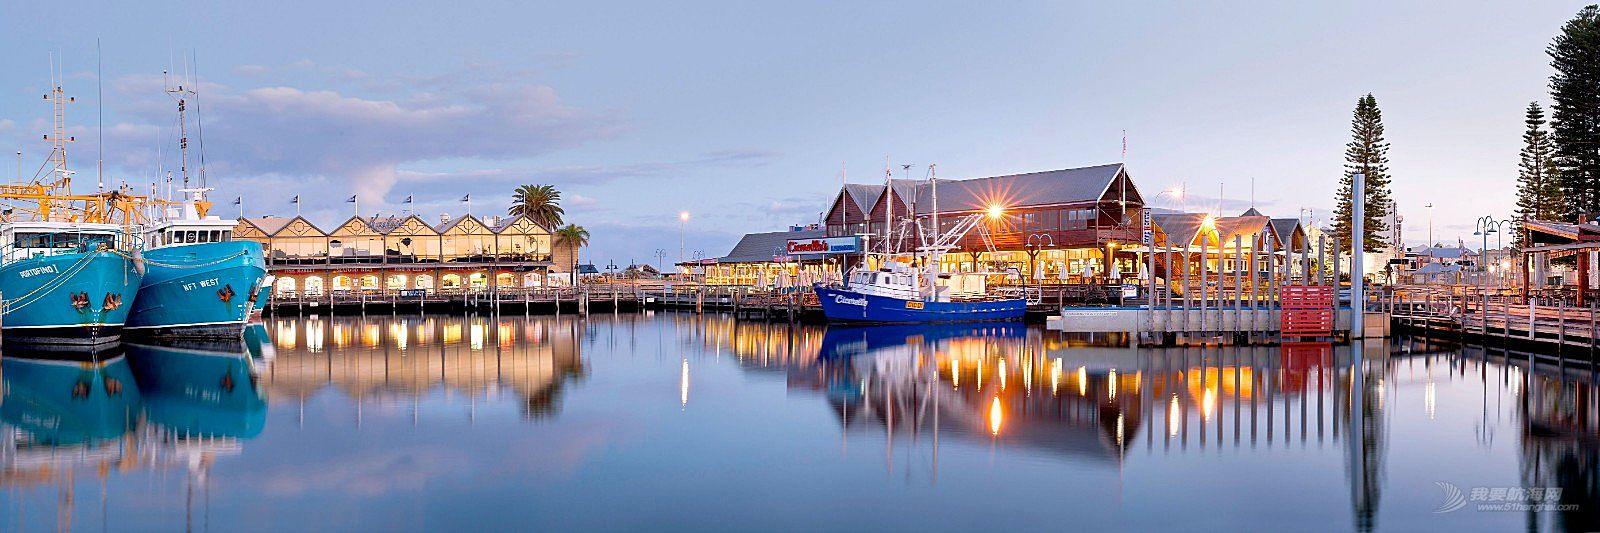 克利伯环球帆船赛新赛季将再次停靠澳大利亚弗里曼特尔